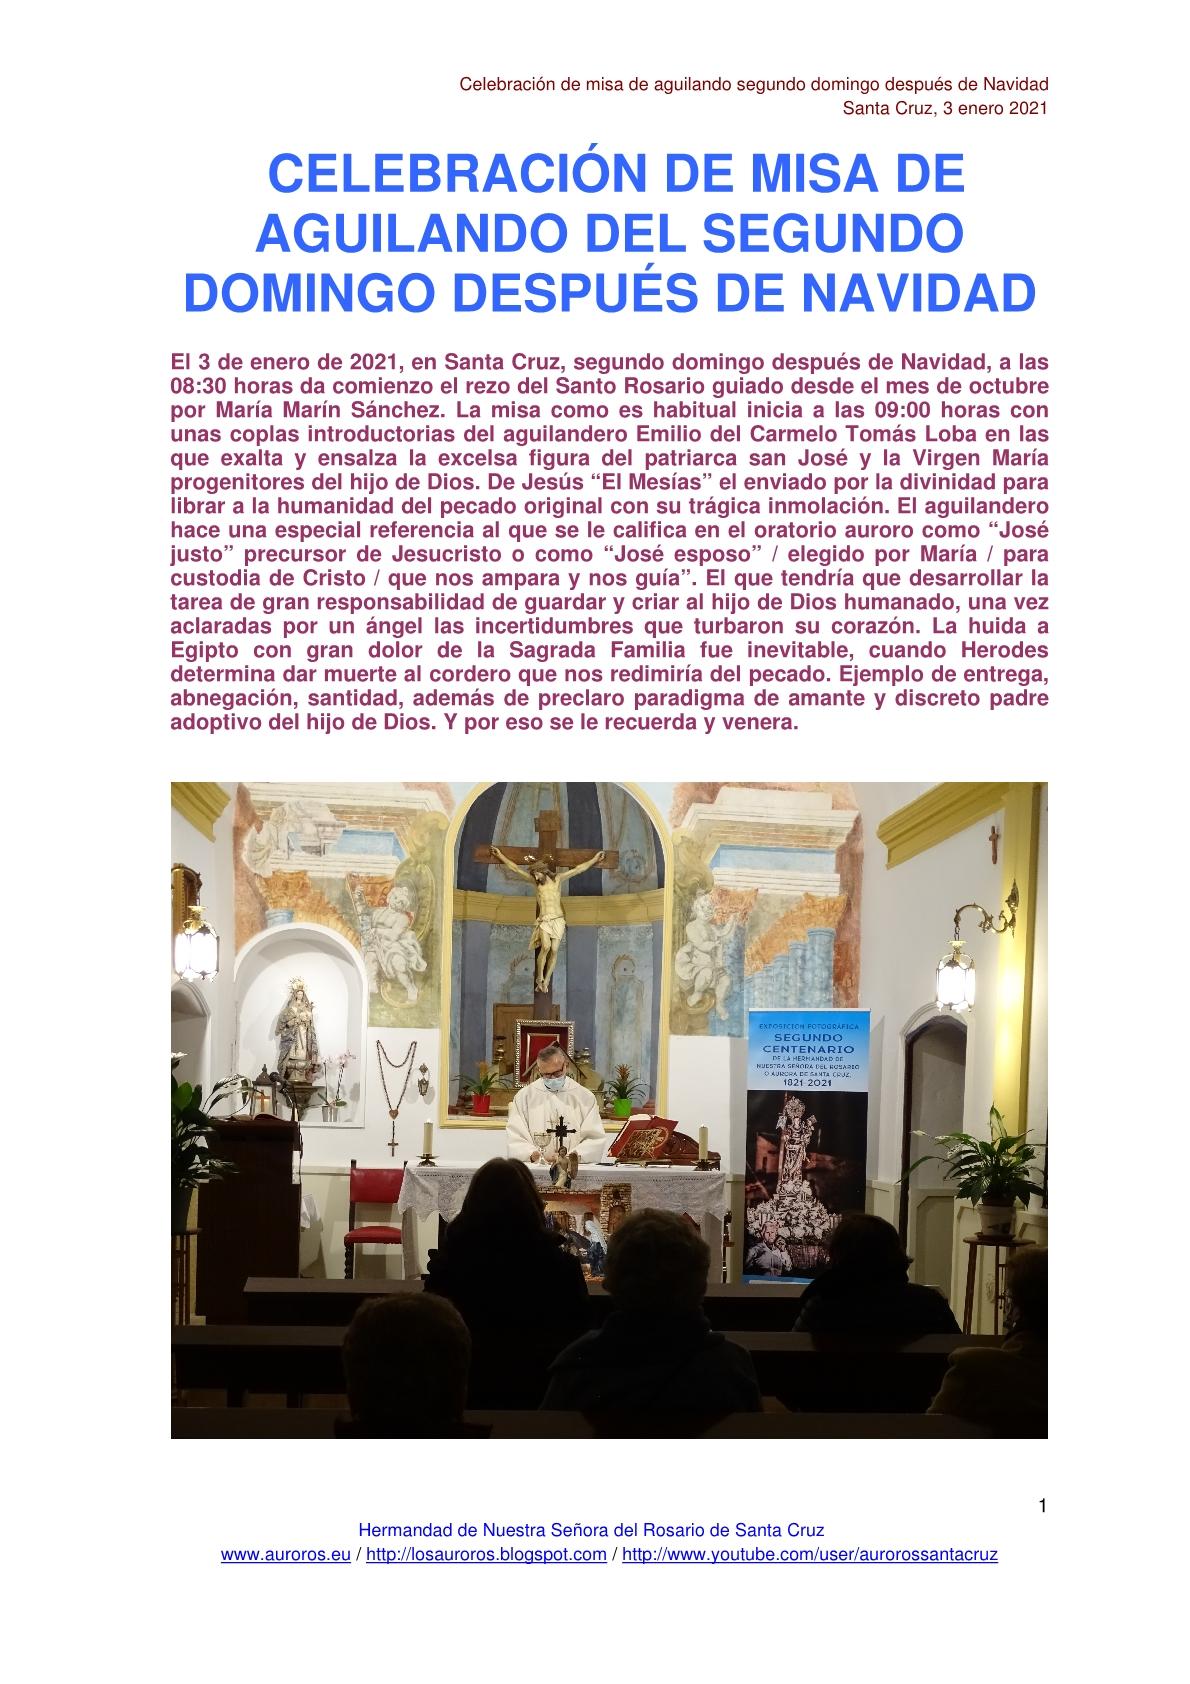 CELEBRACIÓN DE MISA DE AGUILANDO DEL SEGUNDO DOMINGO DESPUÉS DE NAVIDAD